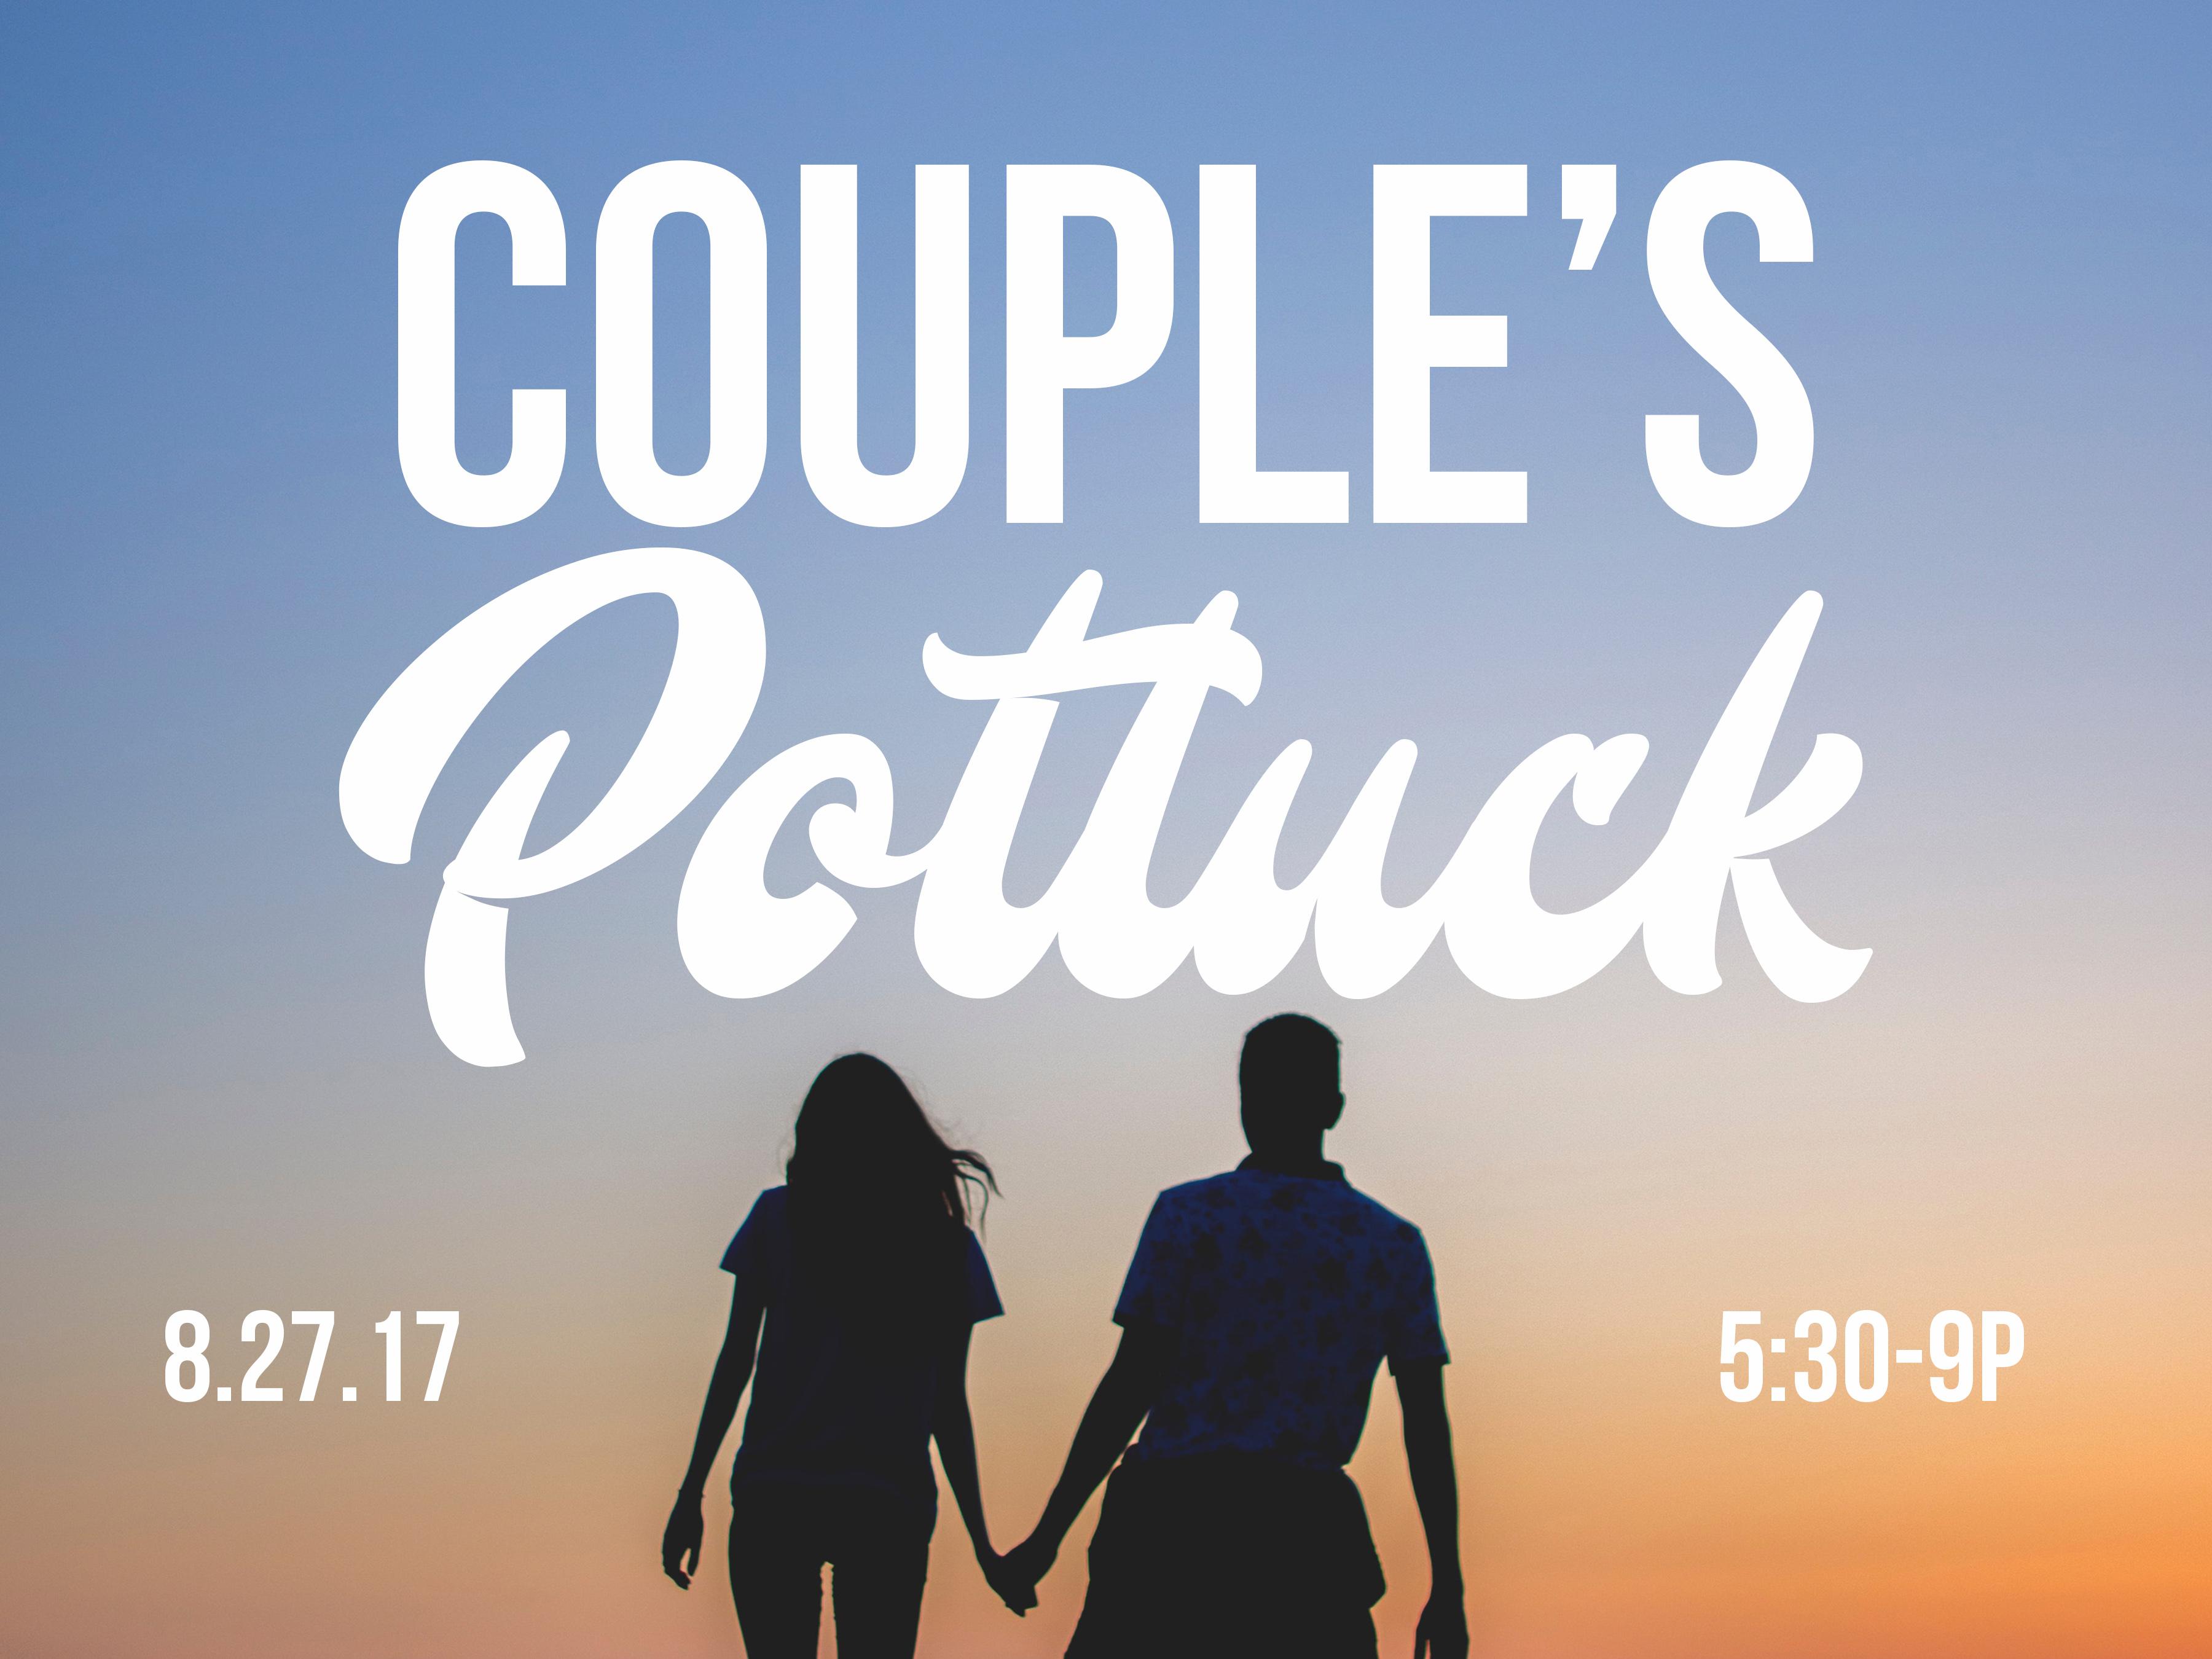 Couples potluck 8.27.17